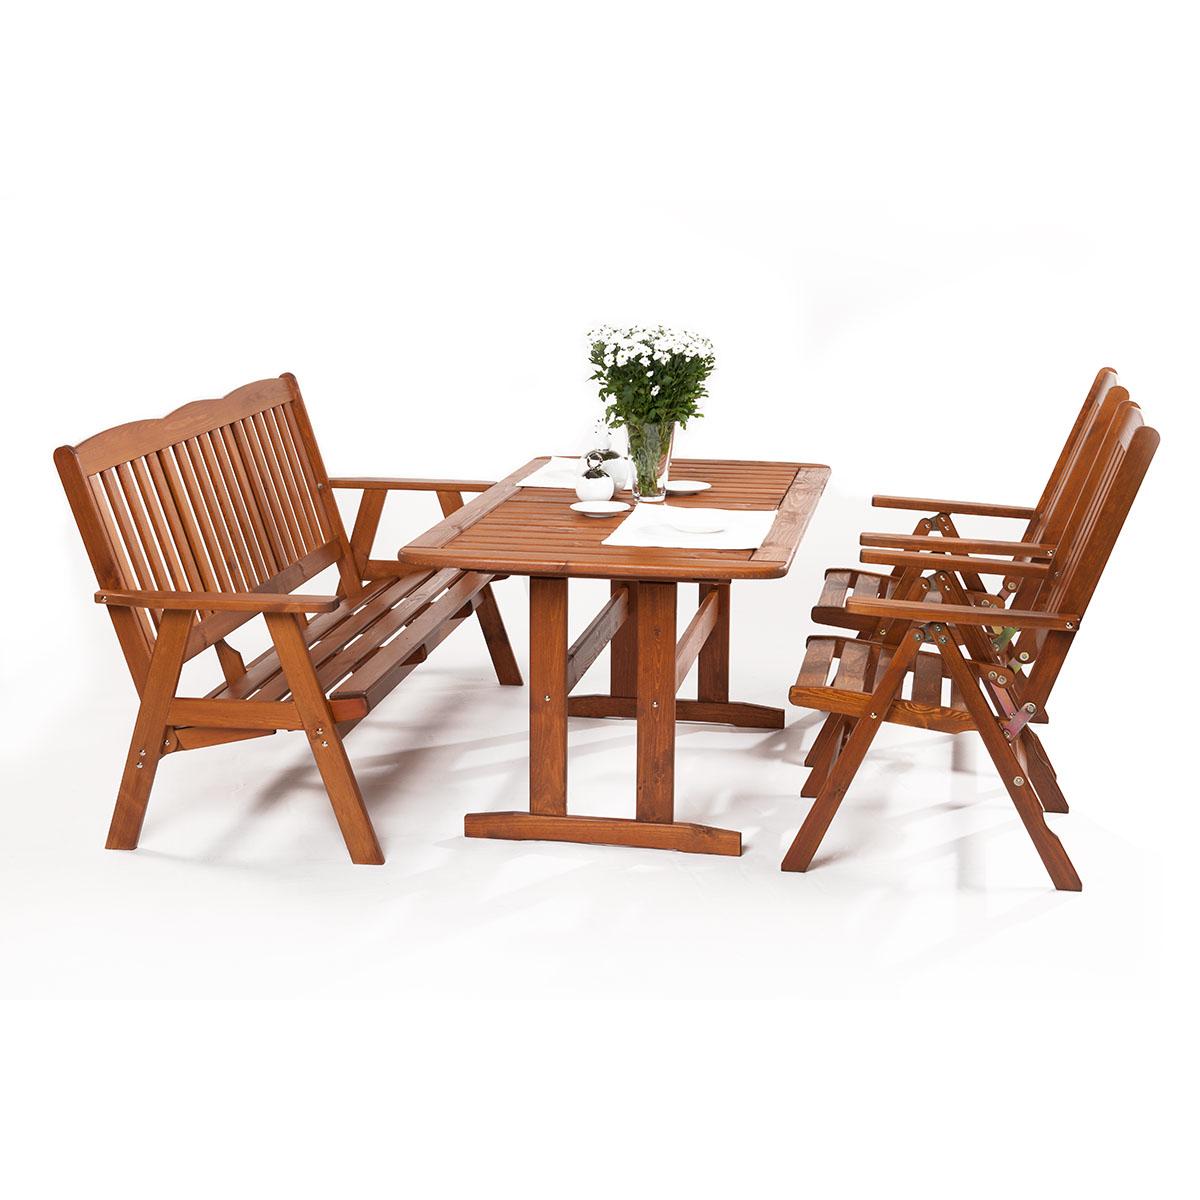 Garland Sven 2+3+, sestava nábytku z borovice (2x pol. křeslo, 1x třímístná lavice, 1x stůl)